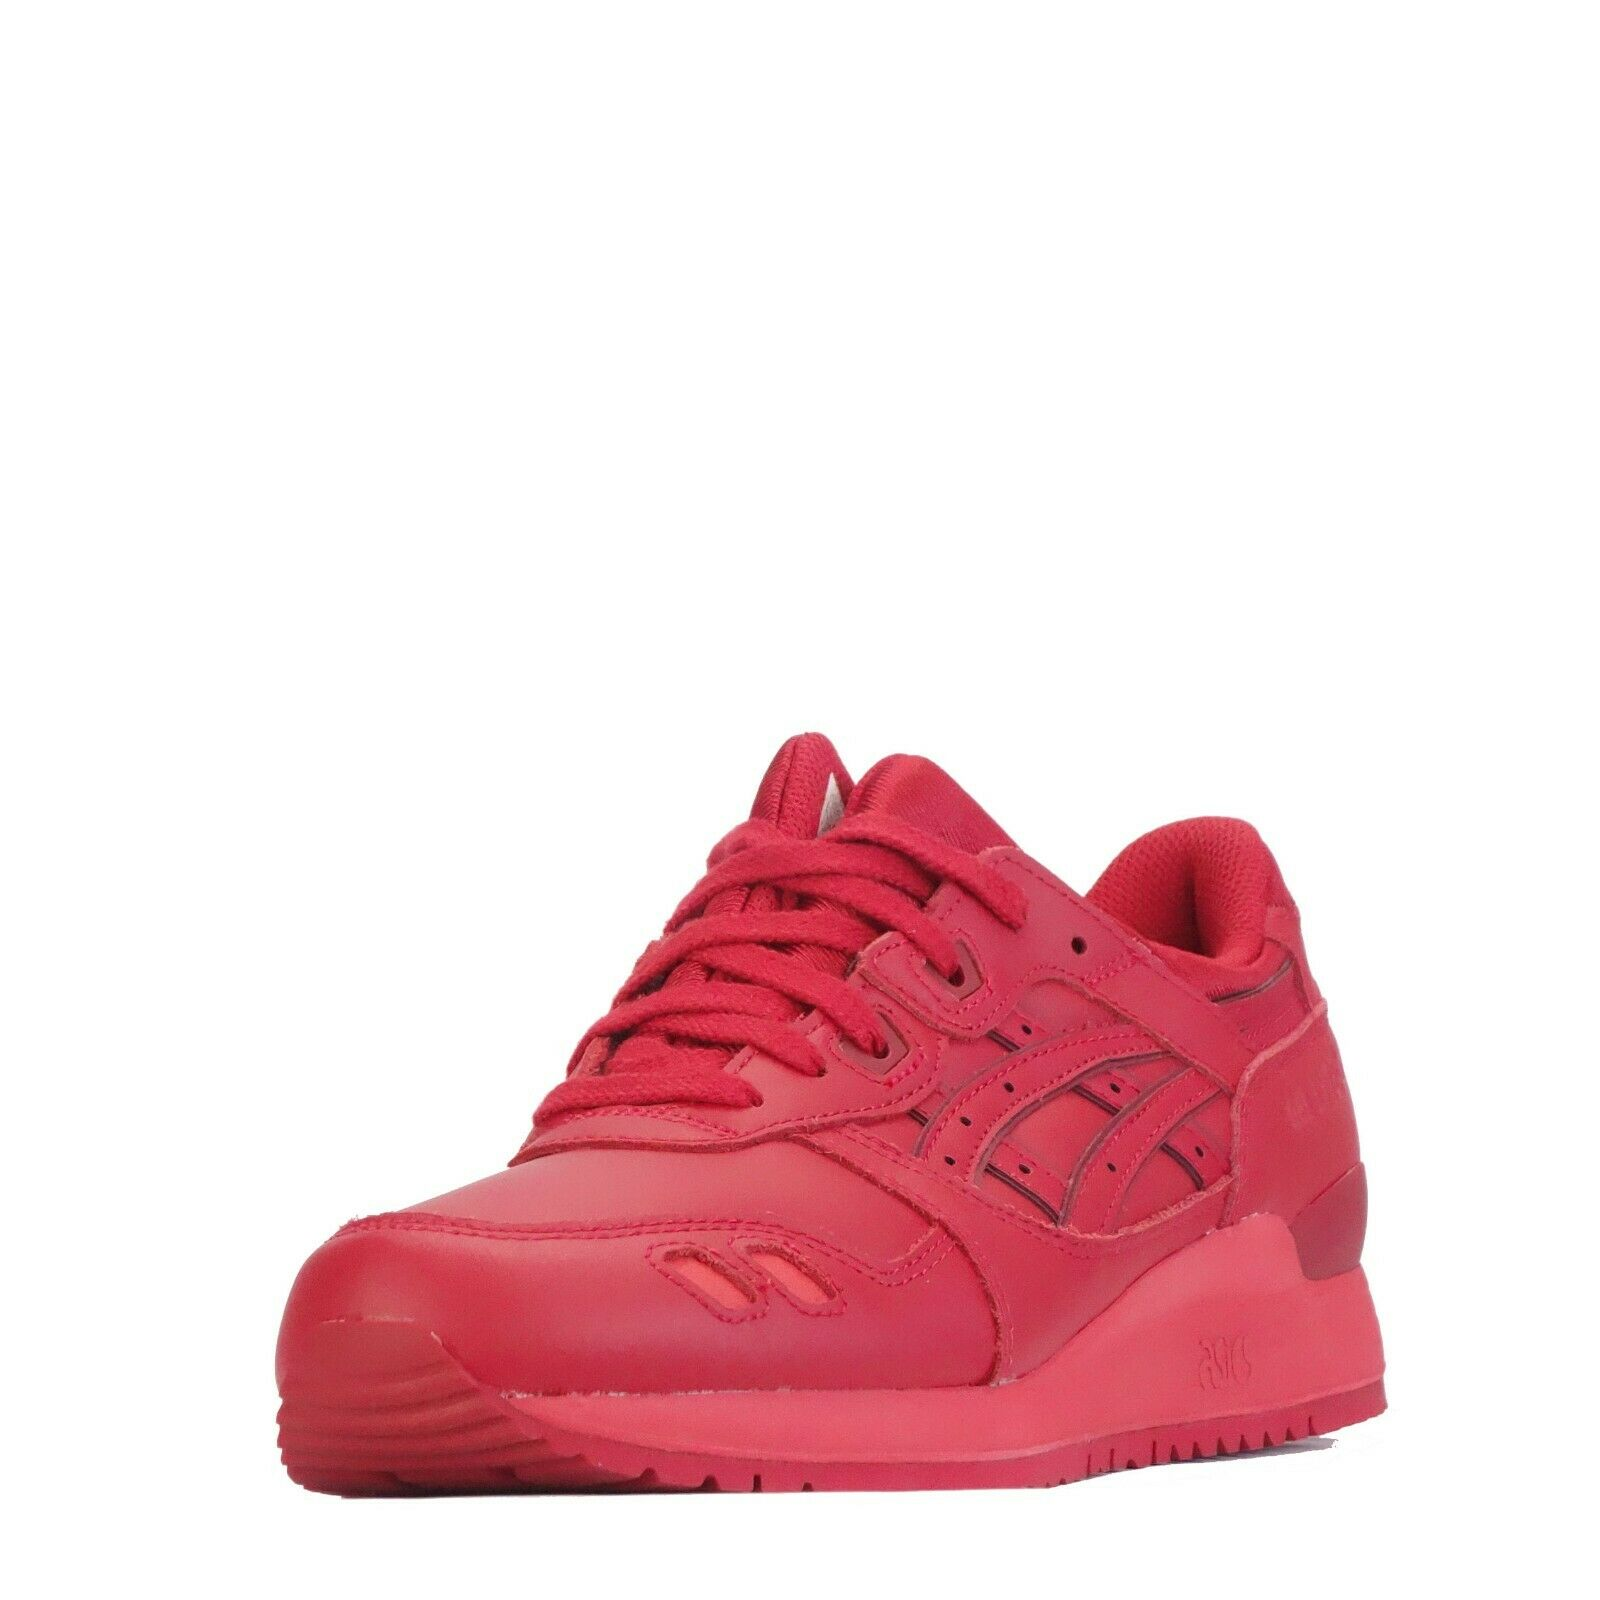 Asics Gel Lyte III Uomo 3 3 3 scarpe da ginnastica. Rosso Rosso 208f51